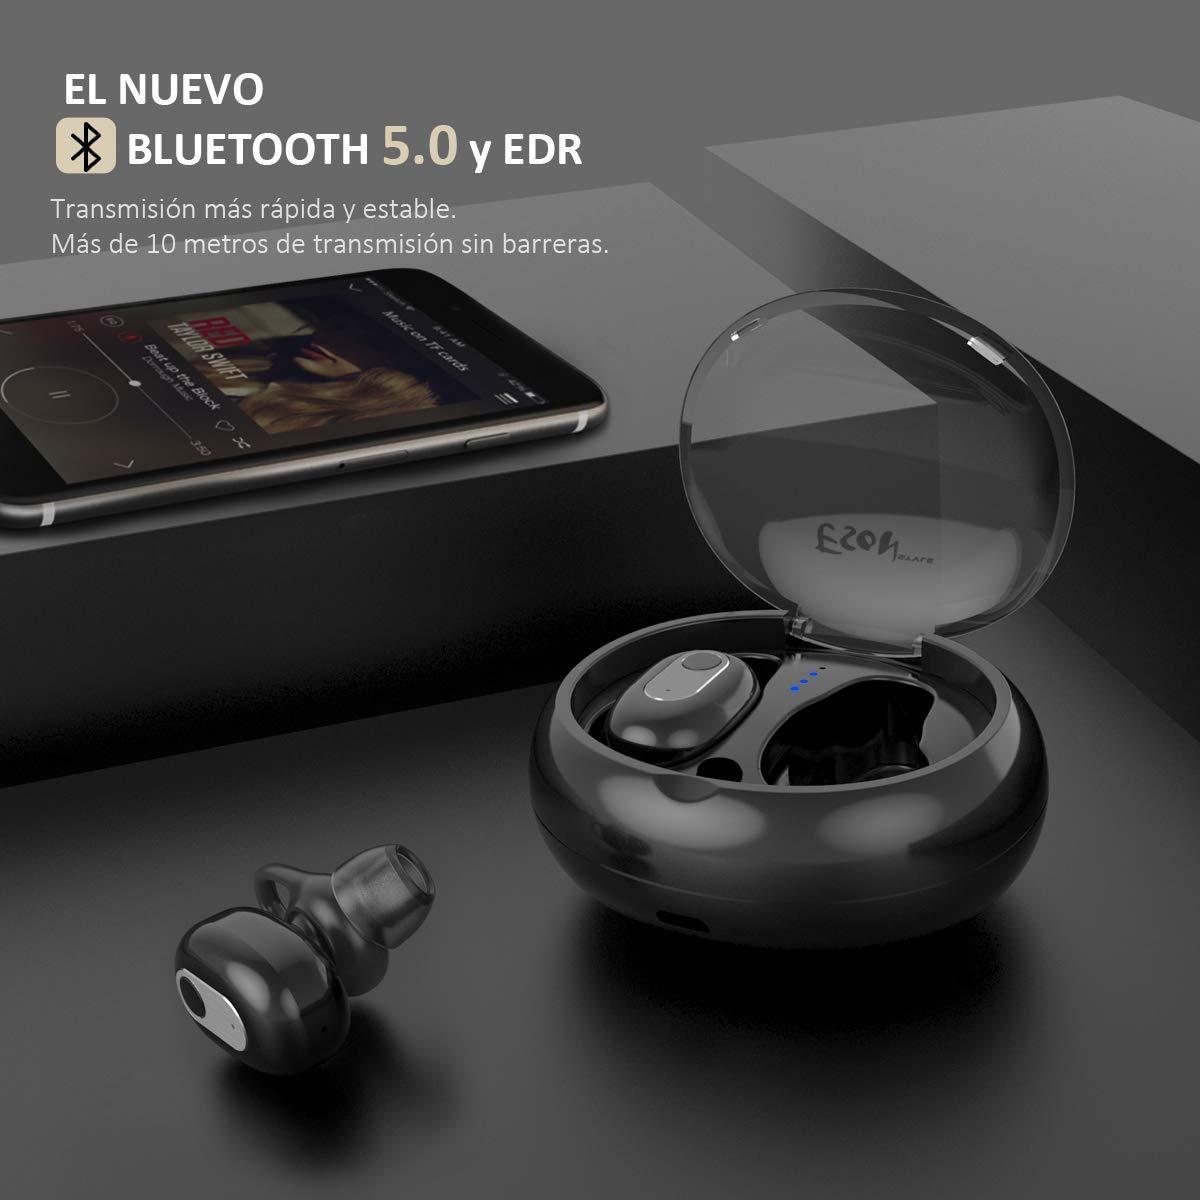 63794425ba0f Auriculares Inalámbricos Bluetooth Mini Twins Estéreo In-Ear Bluetooth 5.0  con Caja de Carga Portátil Y Micrófono Integrado para iPhone y Android  (Negro).